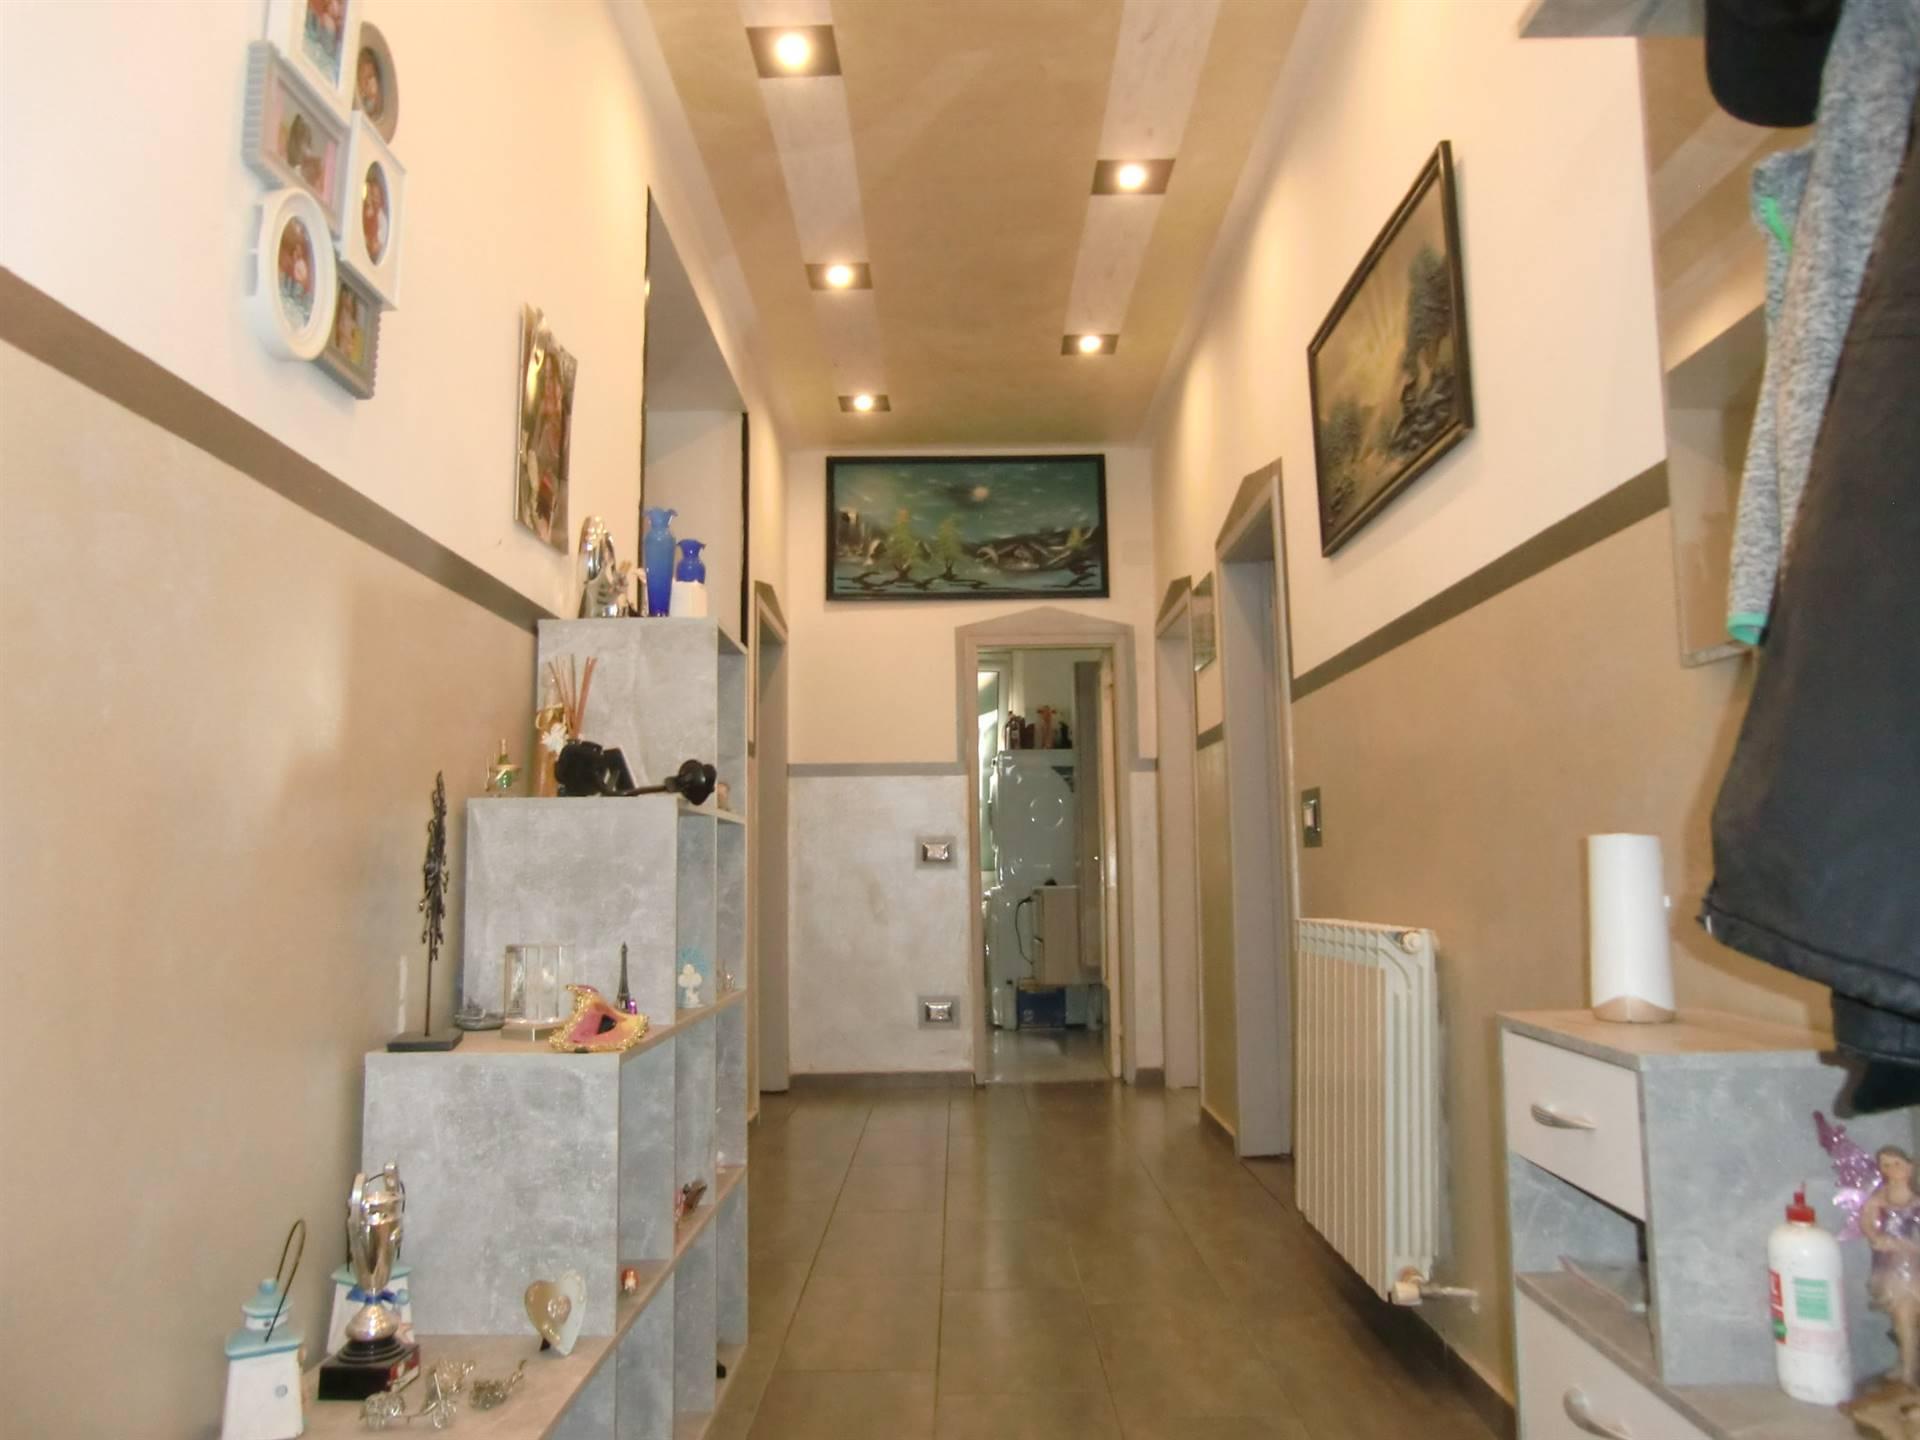 Appartamento in vendita a San Giovanni Valdarno, 3 locali, zona arno, prezzo € 128.000 | PortaleAgenzieImmobiliari.it